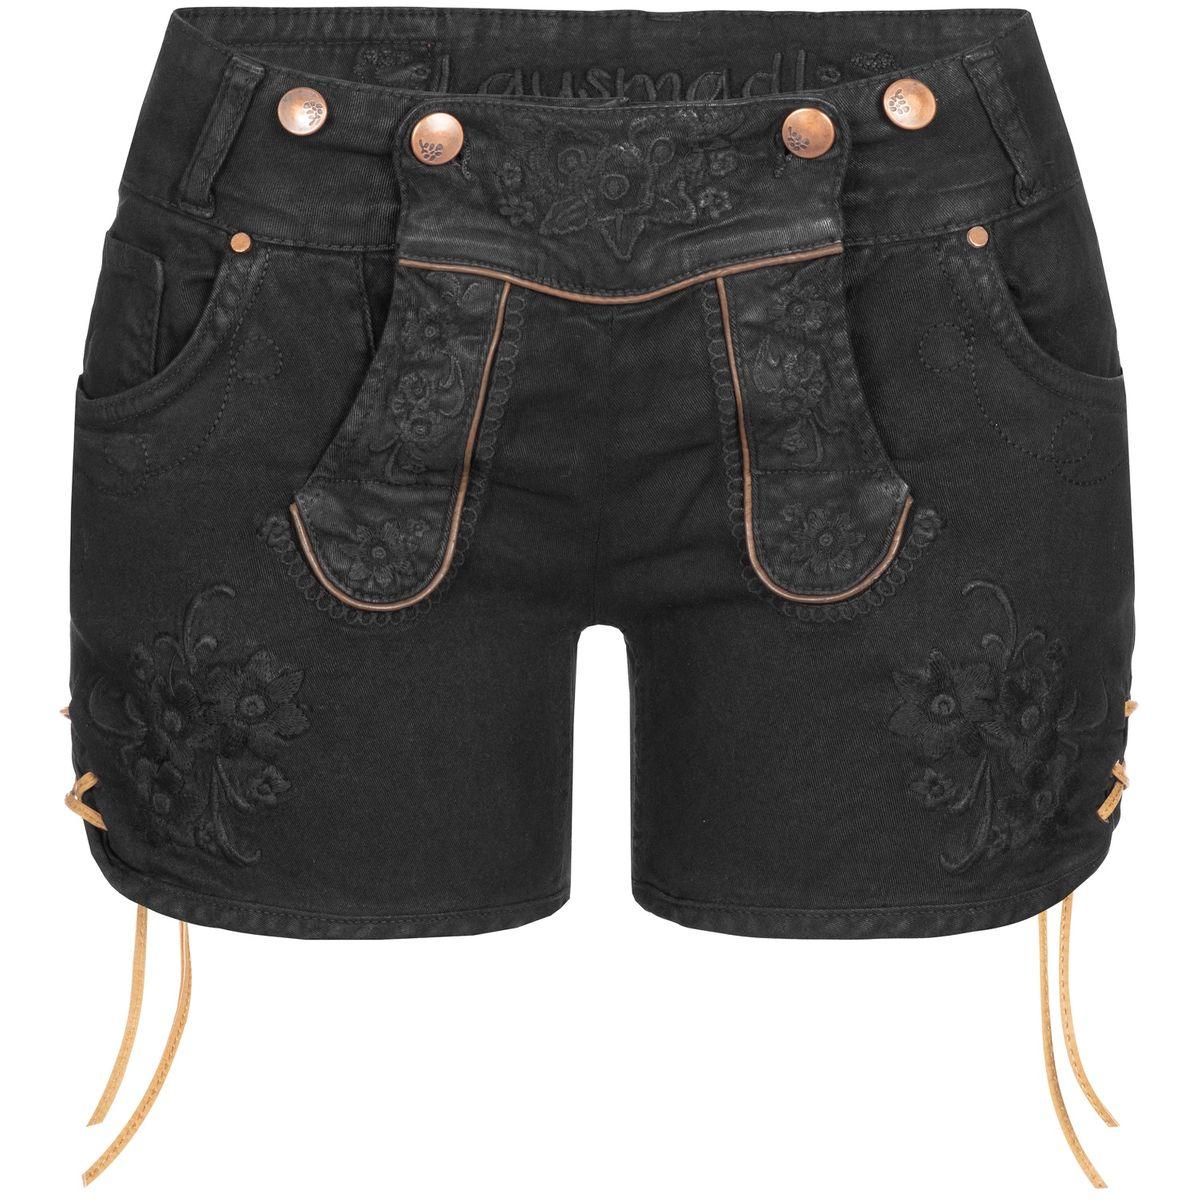 kurze Jeans-Lederhose Ovida in Schwarz von Hangowear günstig online kaufen